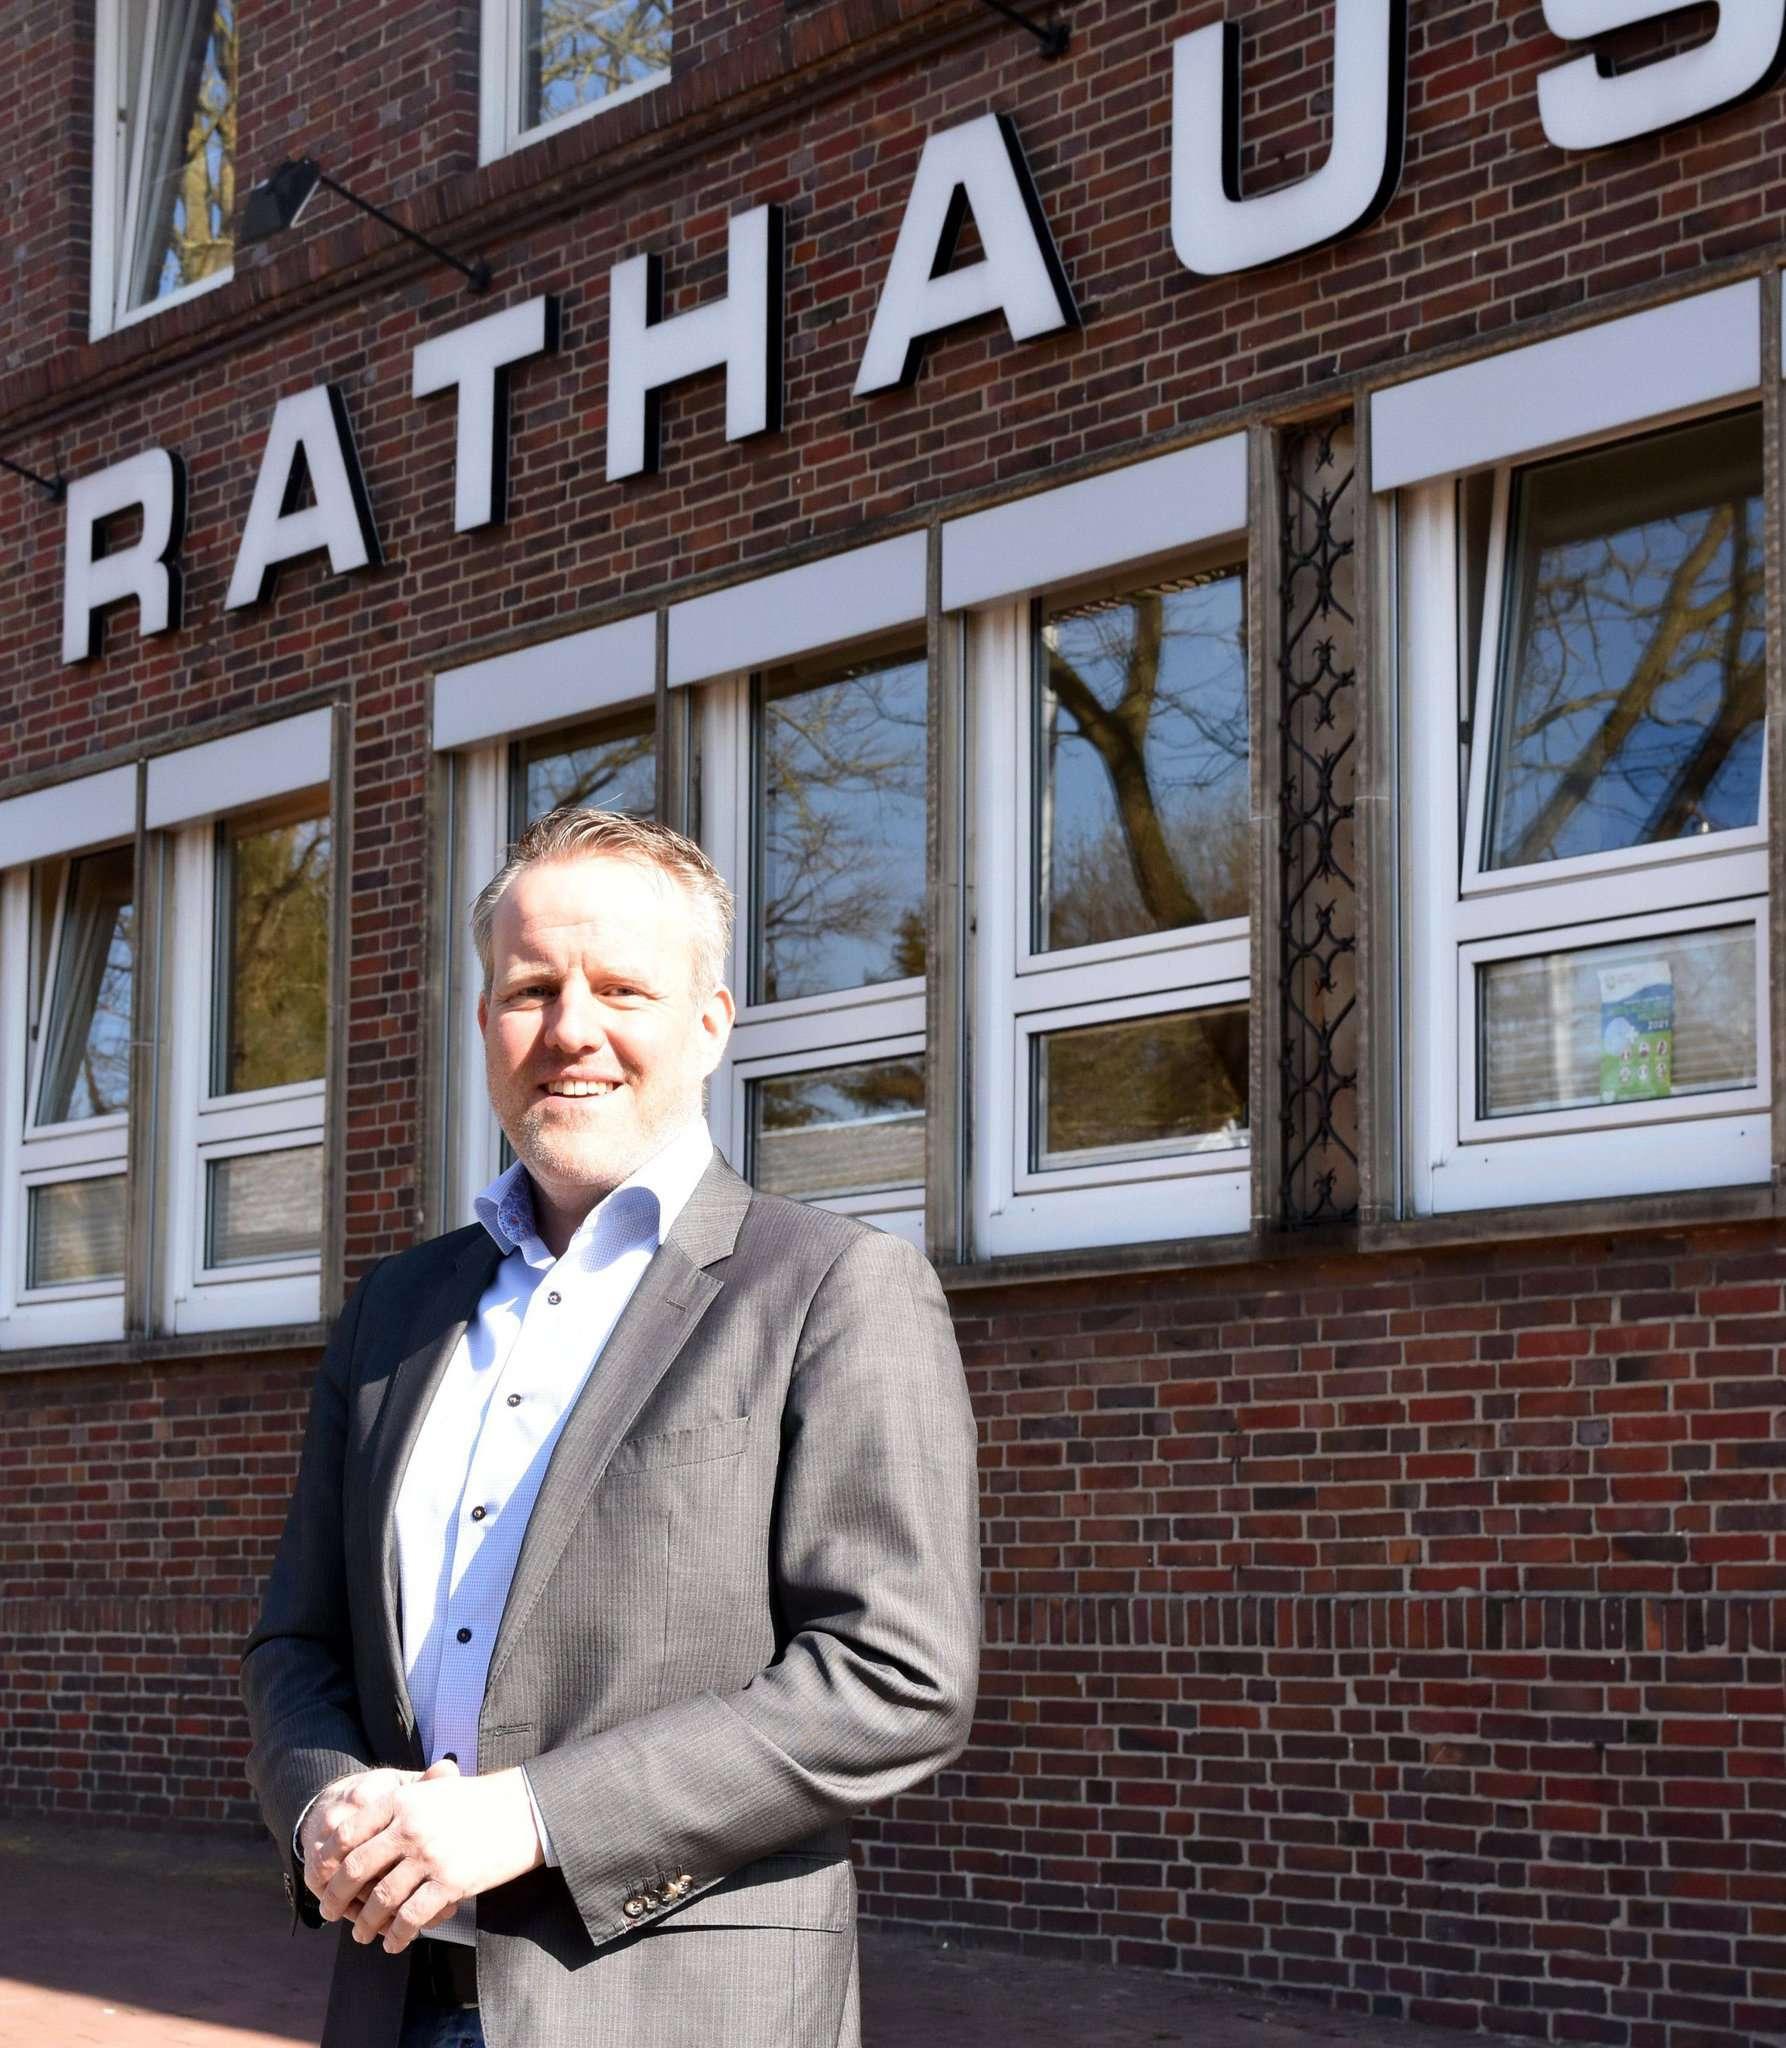 Samtgemeindebürgermeister Jörn Keller ist Anhänger der No-Covid-Strategie und kritisiert Lockerungsmodelle in der Phase der hohen Infektionszahlen.